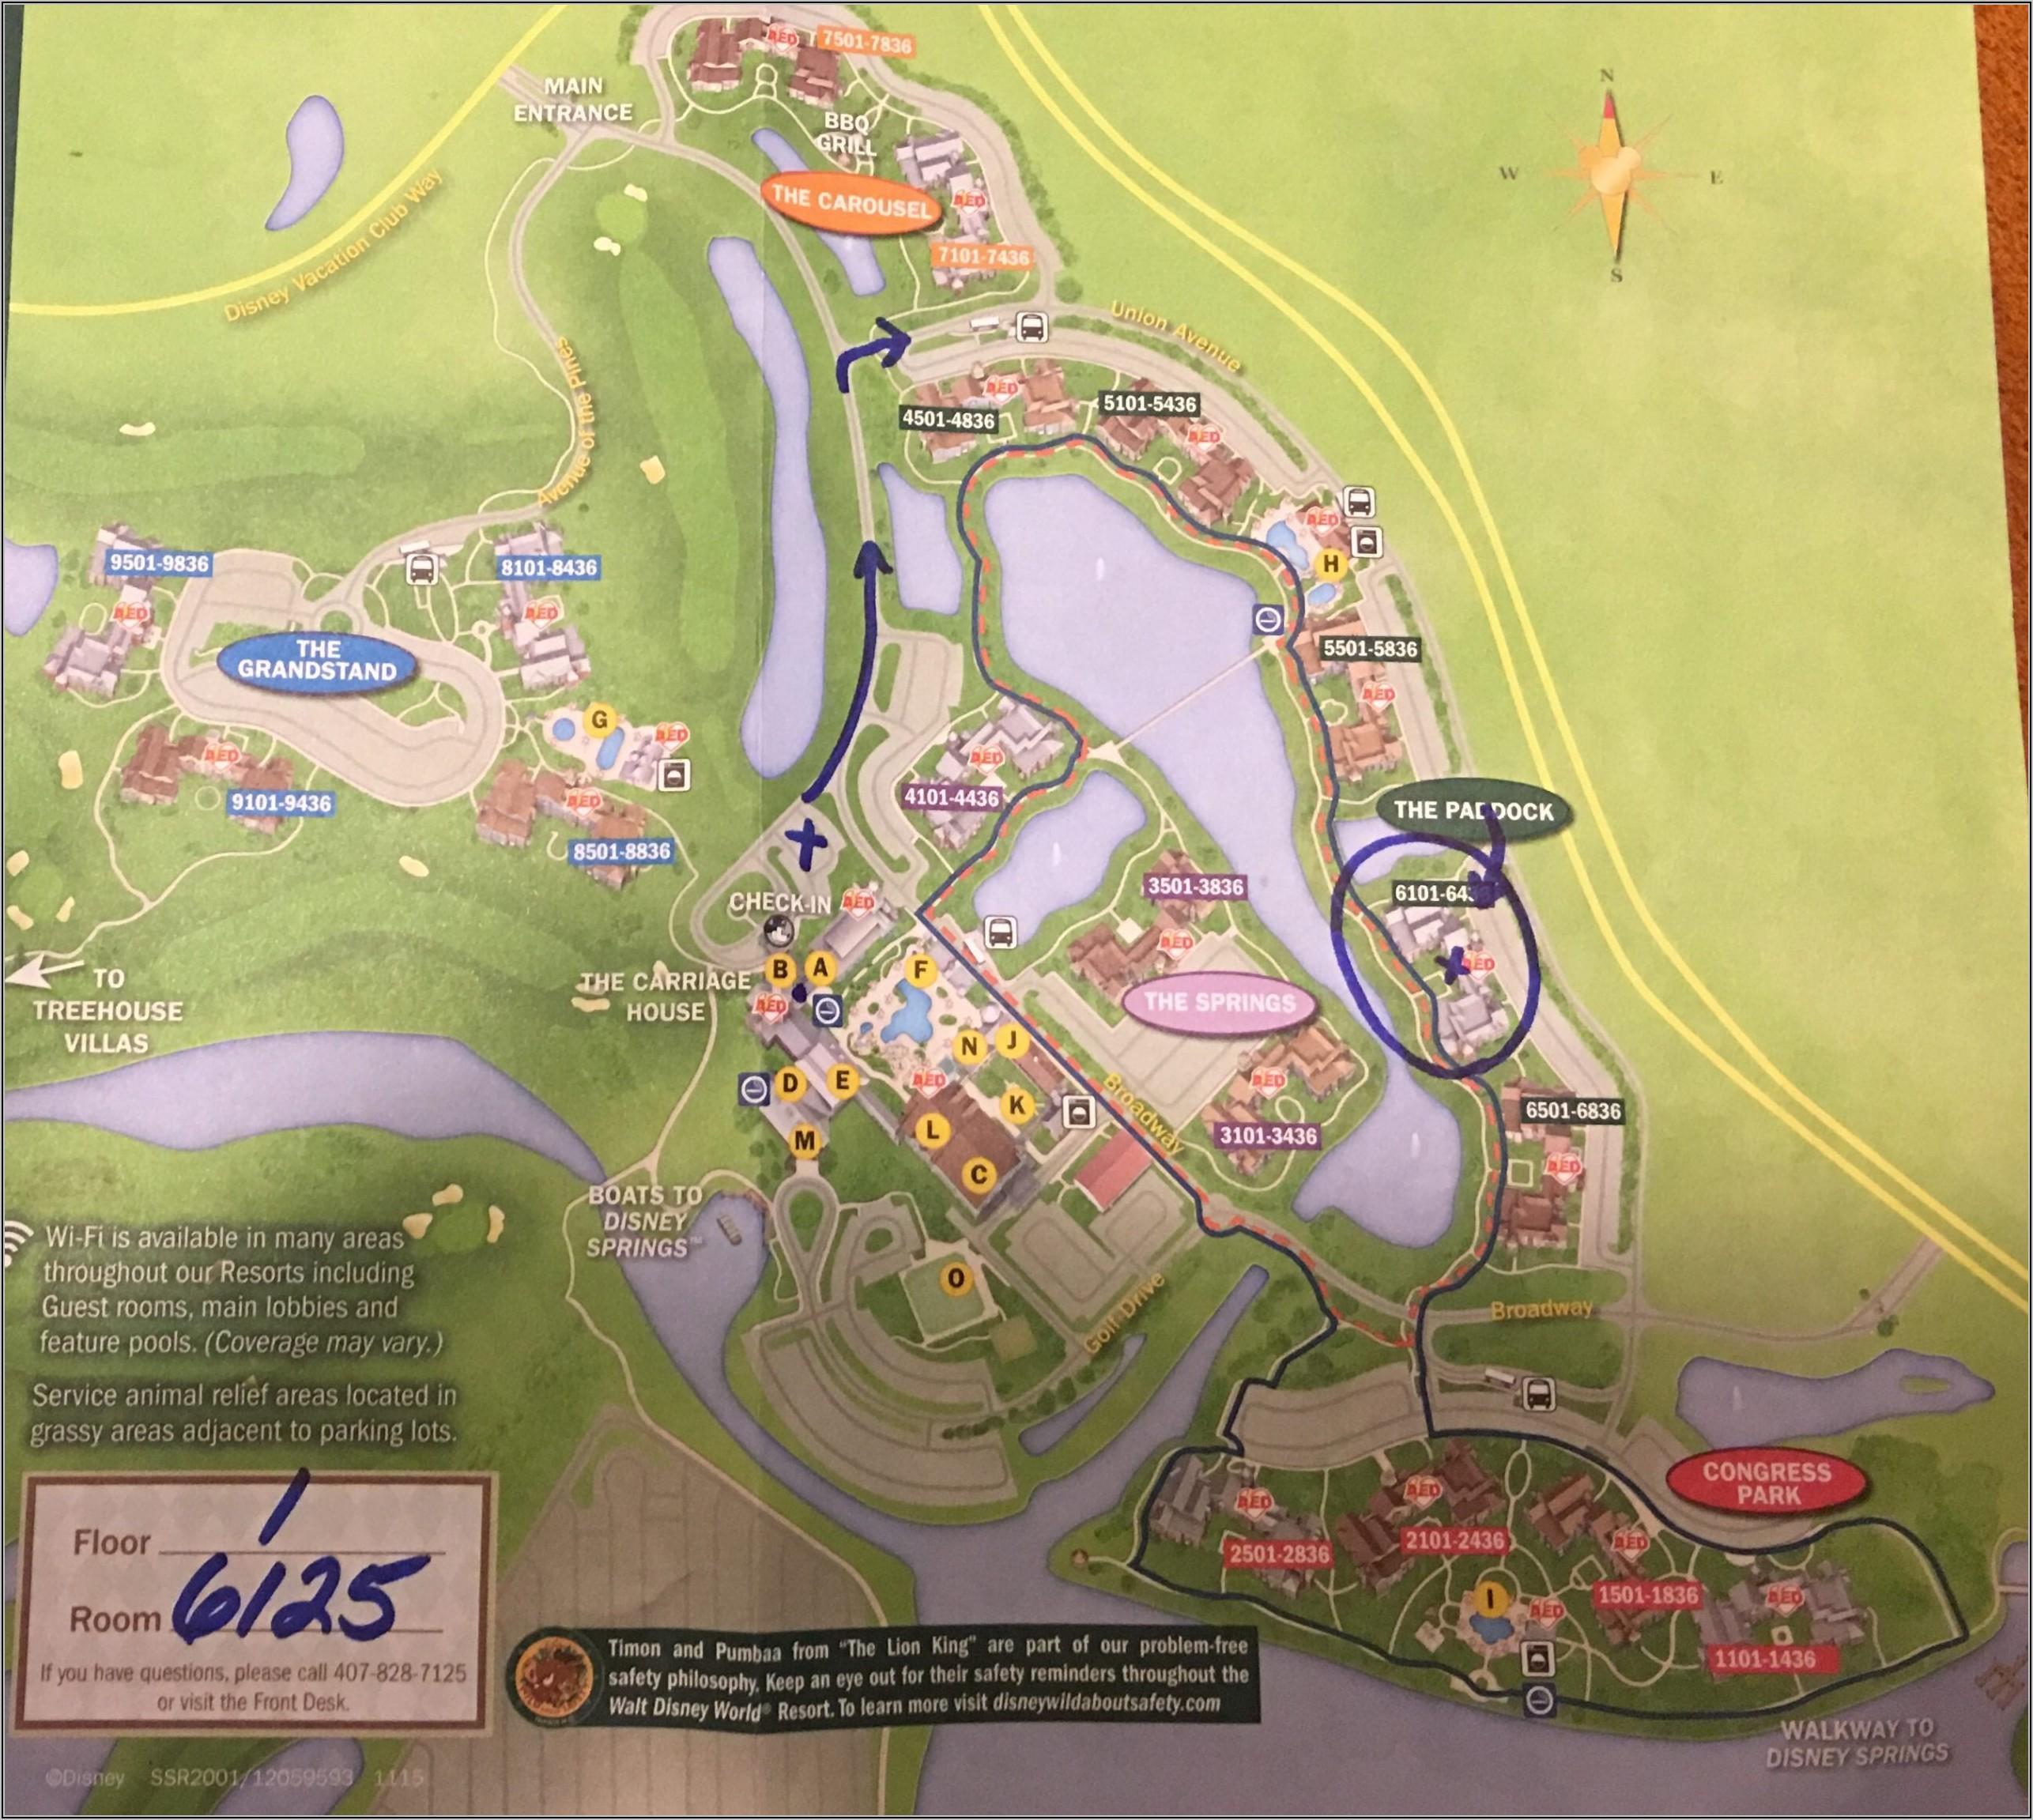 Saratoga Springs Disney World Layout